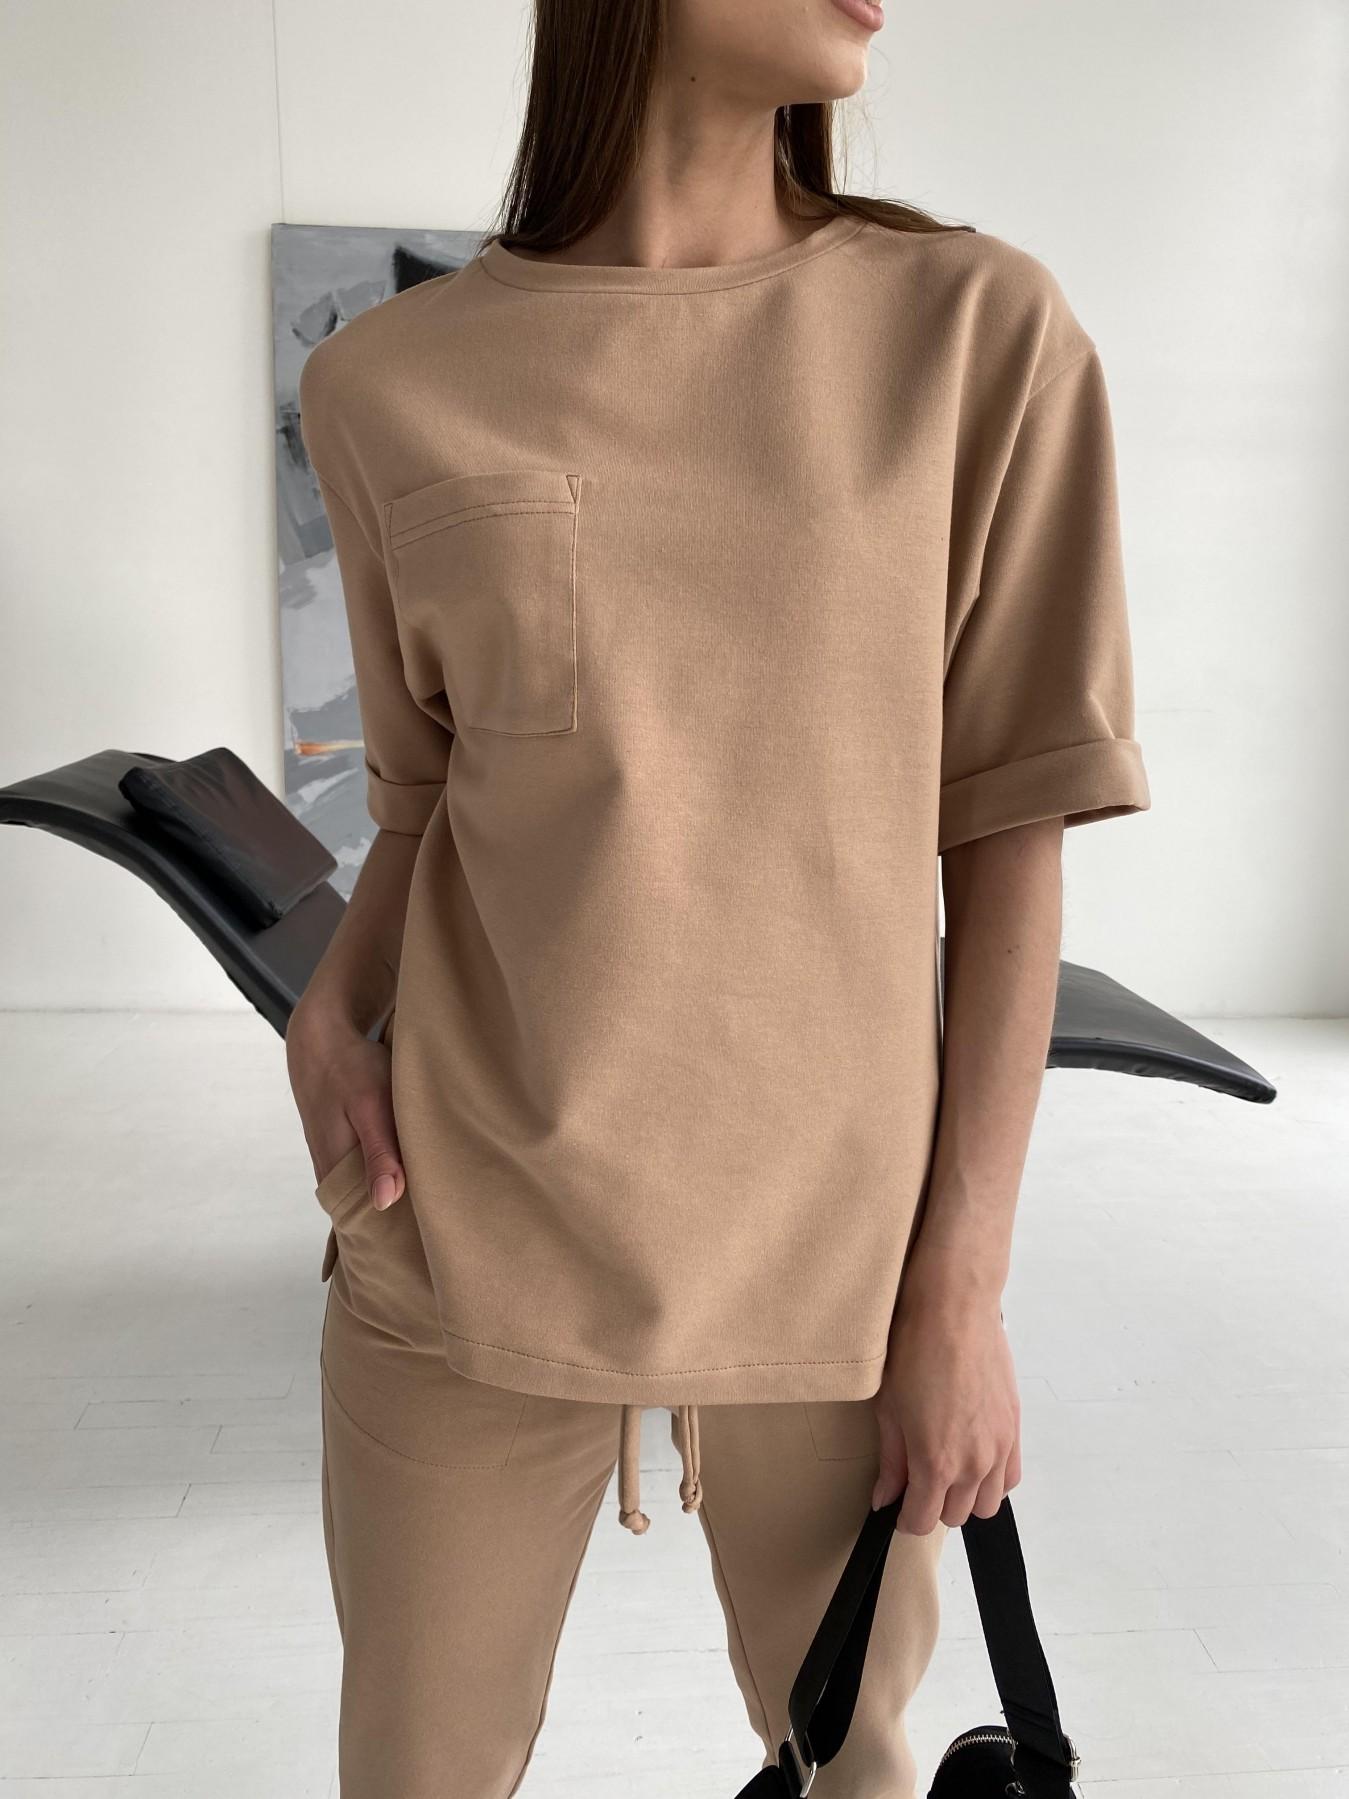 Лунго костюм трикотажный из двунитки тонкий 11352 АРТ. 47895 Цвет: Кемел - фото 8, интернет магазин tm-modus.ru